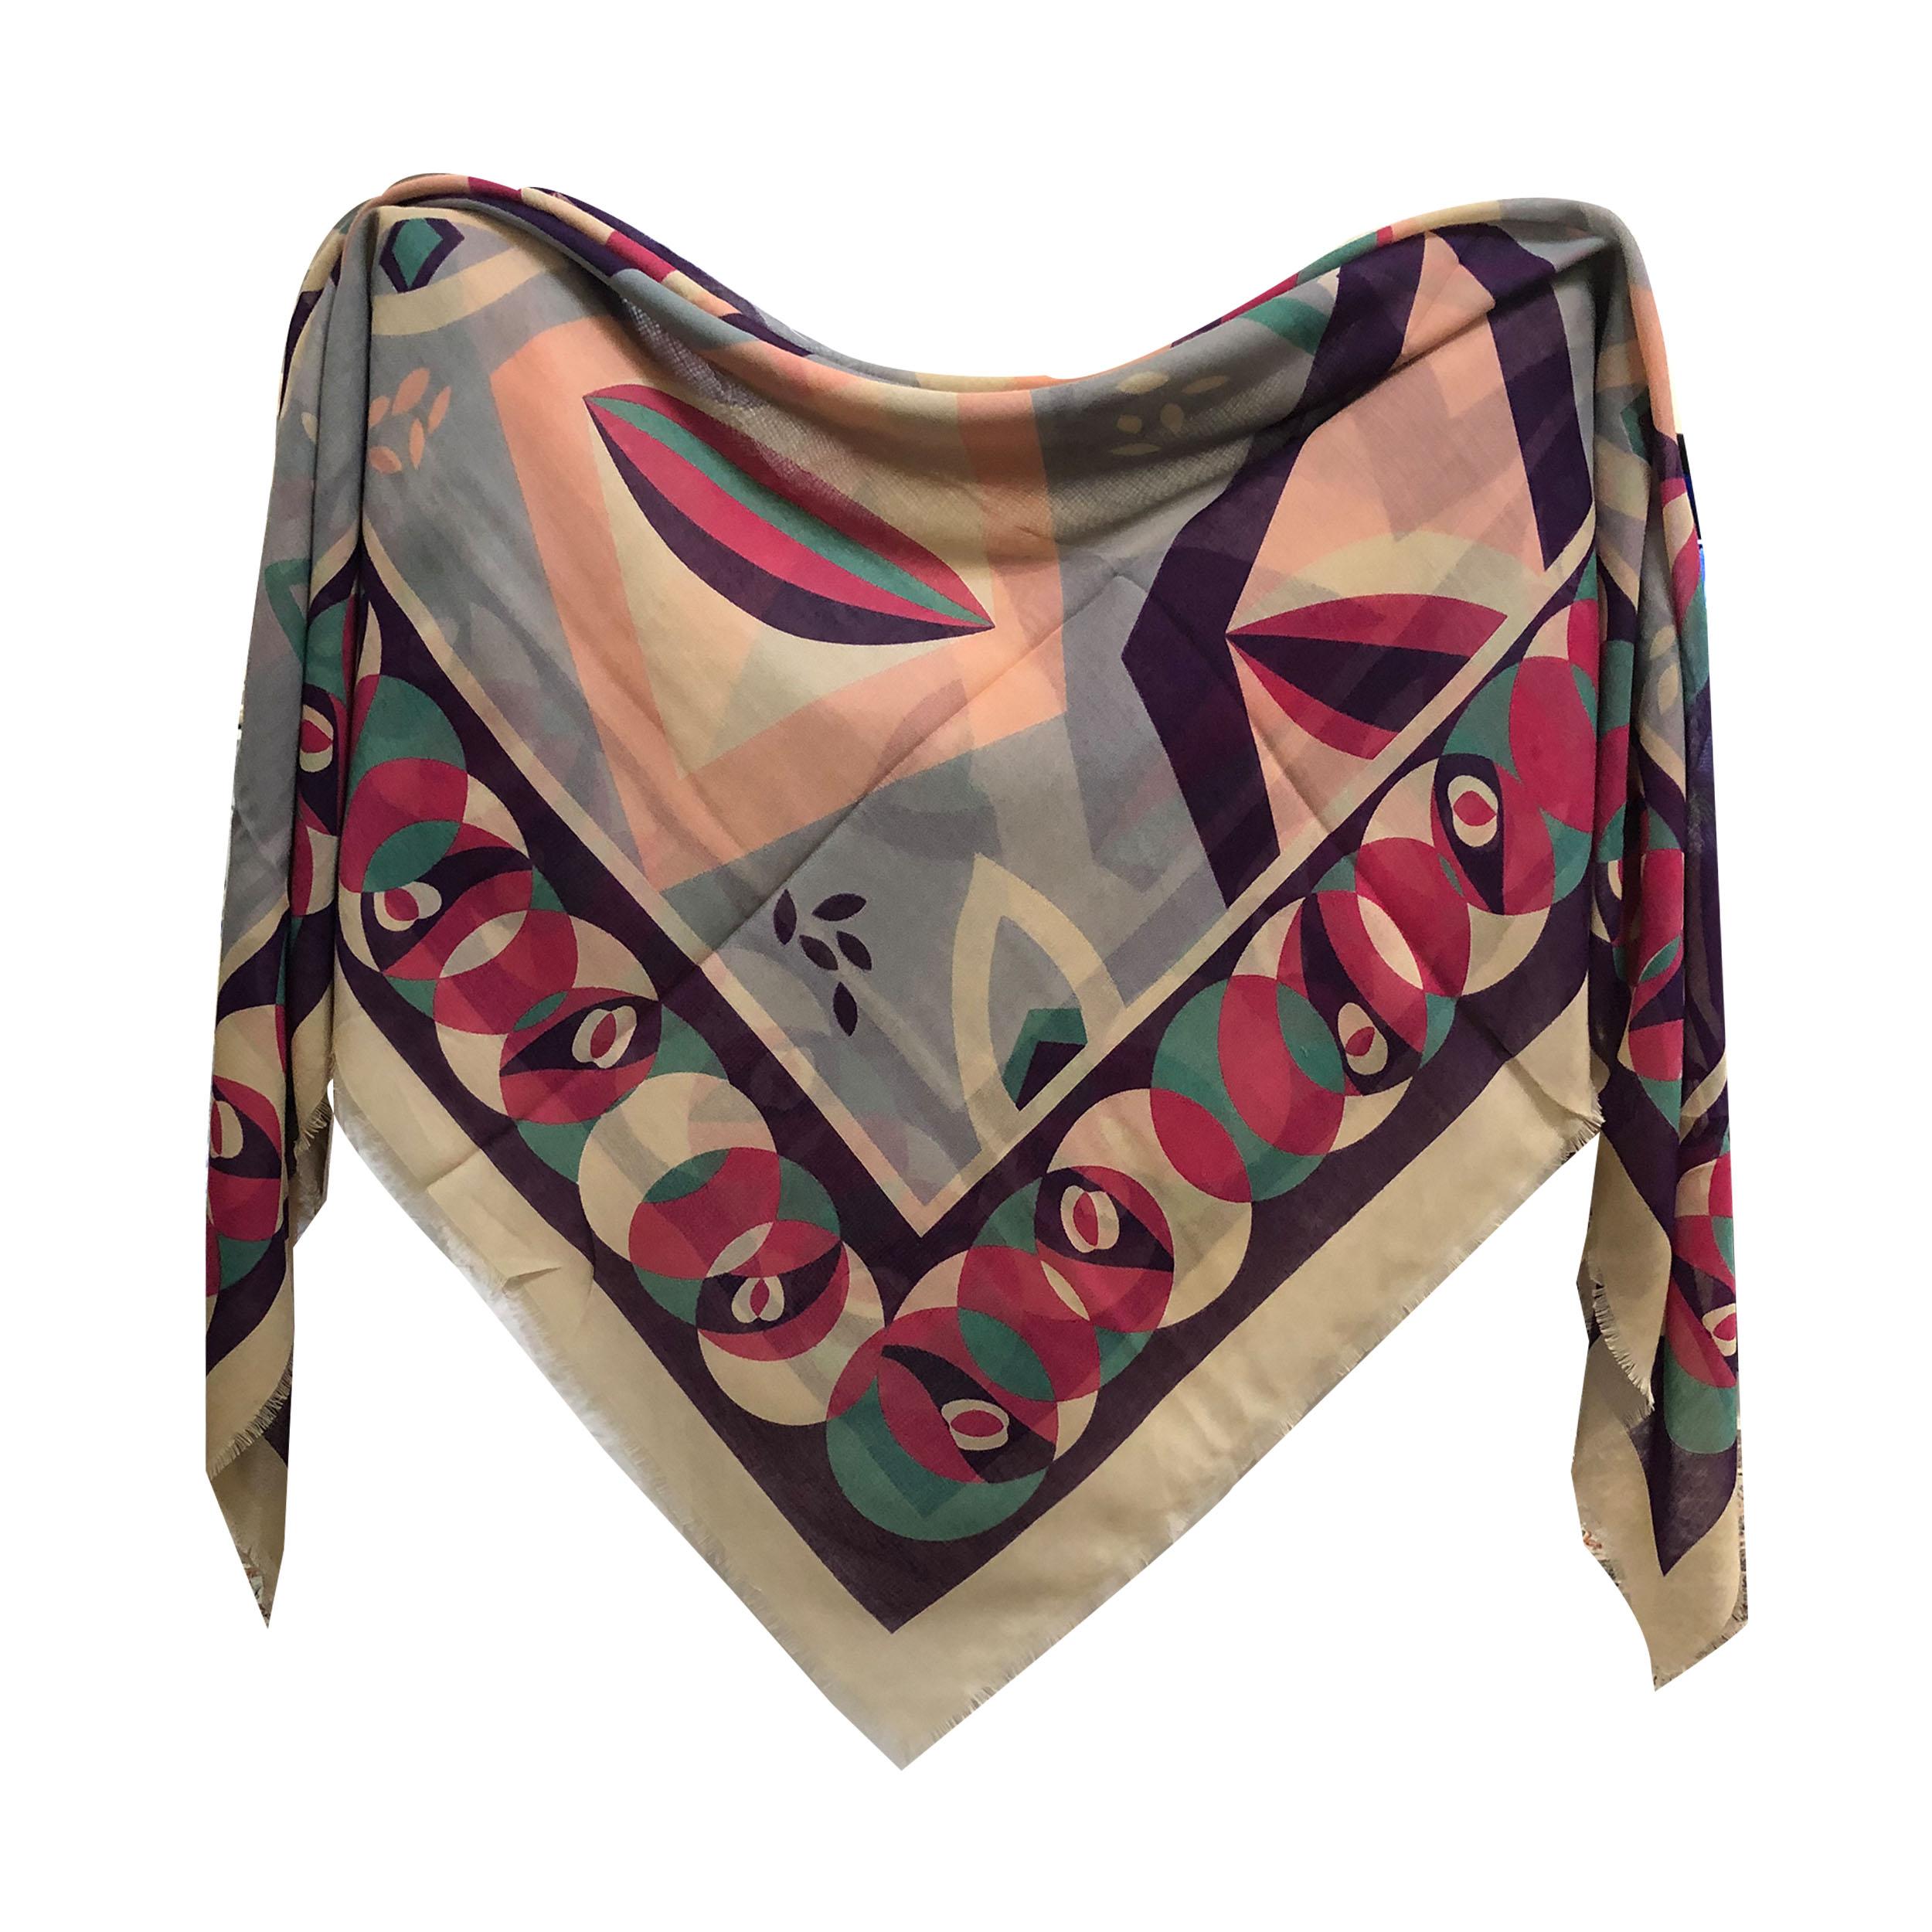 روسری زنانه نخی ریشه پرزی قواره 140 کد 3000